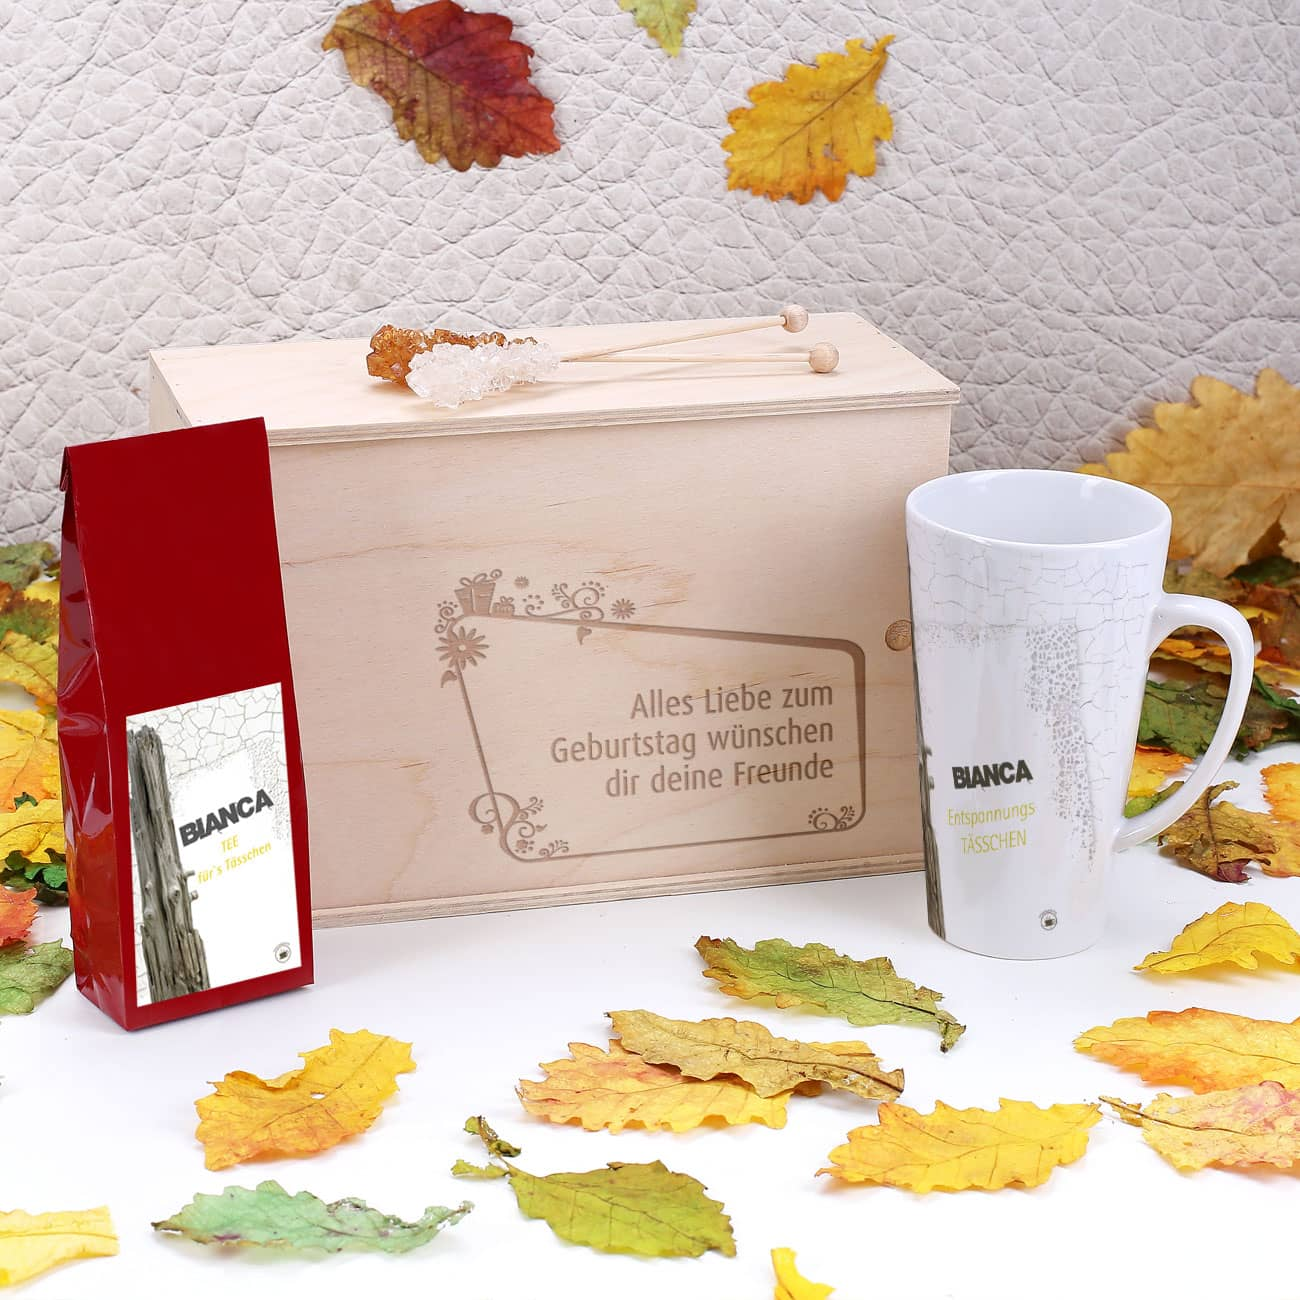 Ausgezeichnet Ideen Für Küche Tee Geschenke Ideen - Küchenschrank ...